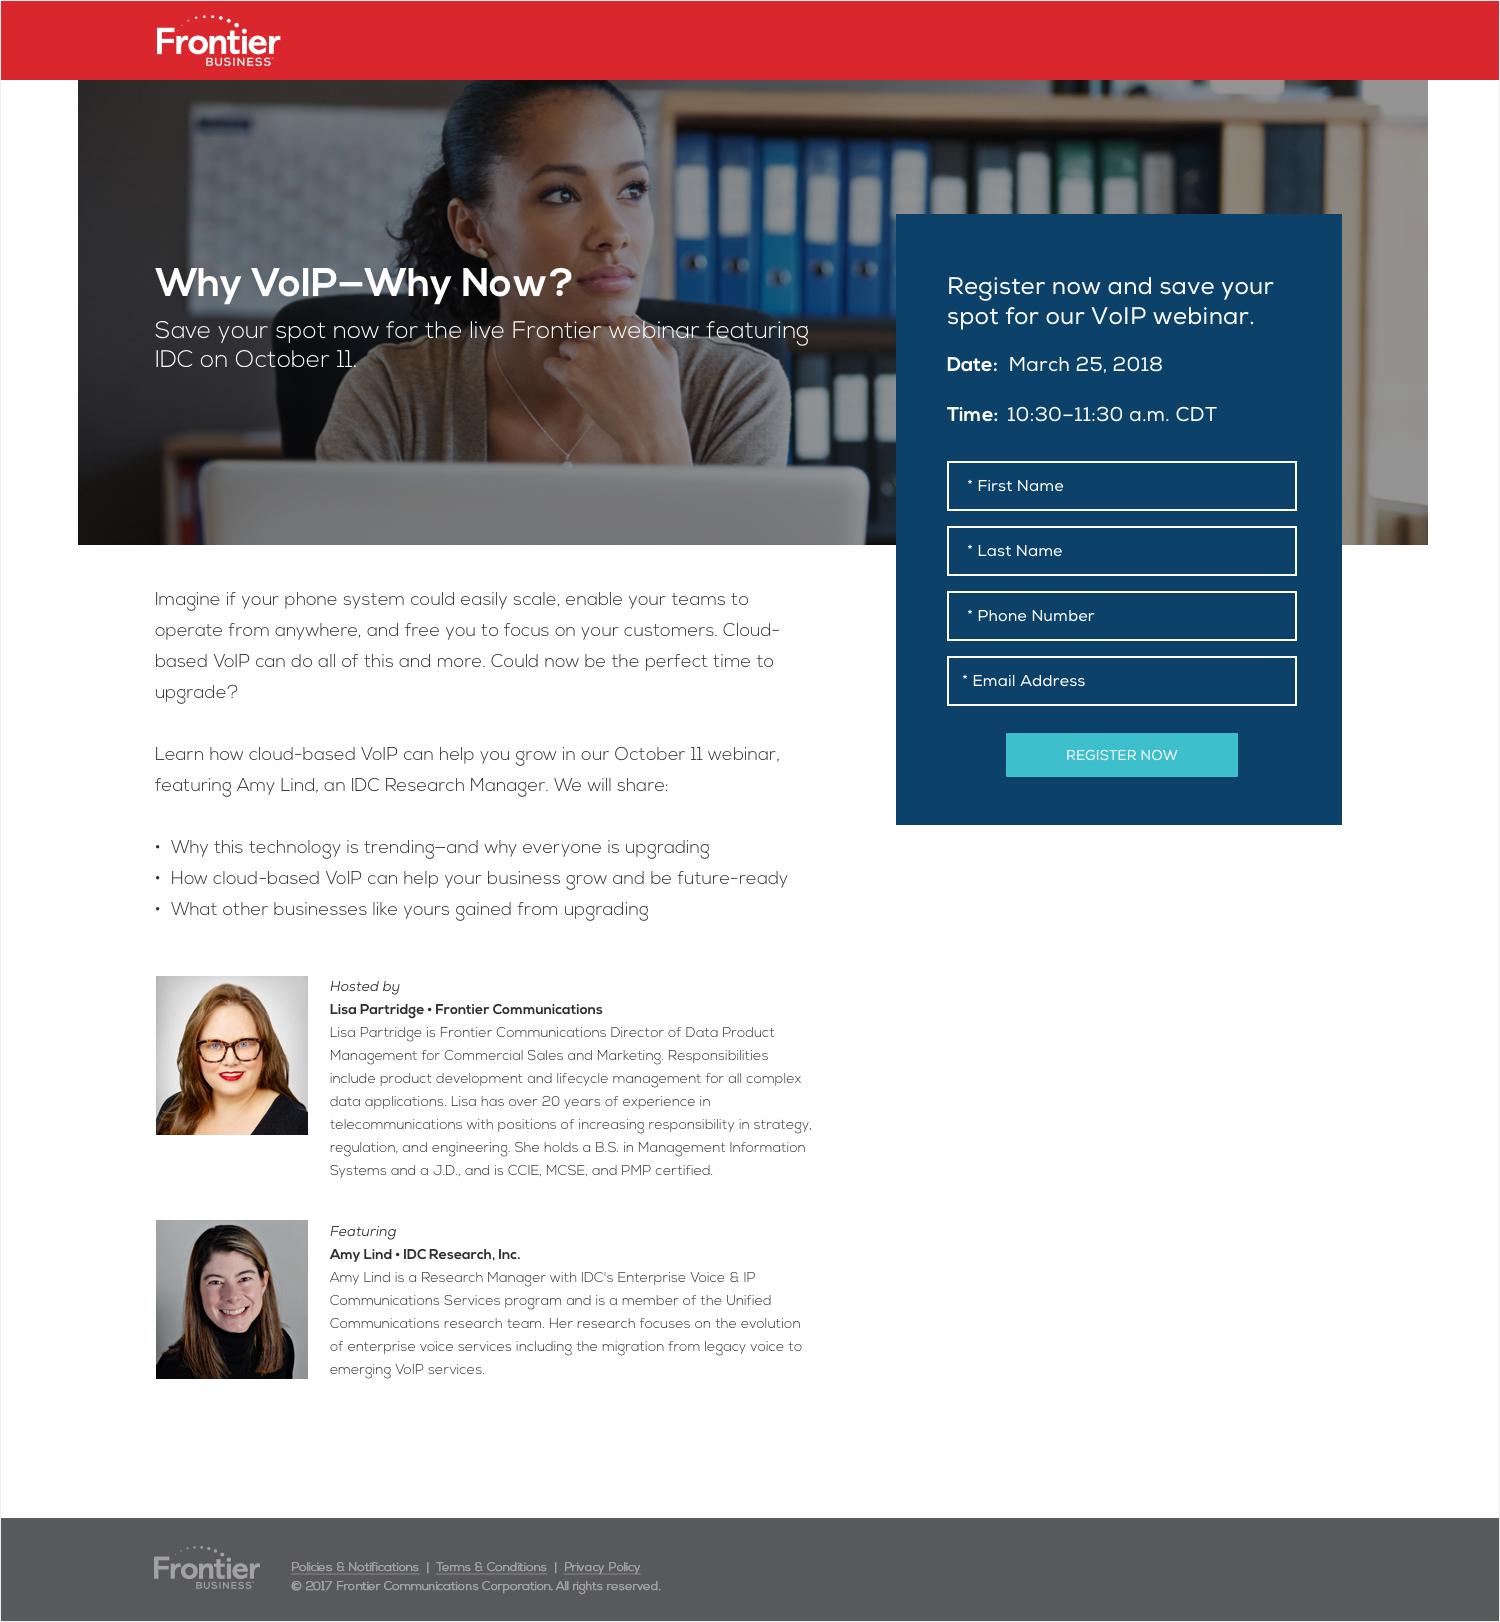 LP1-GATED Webinar.jpg